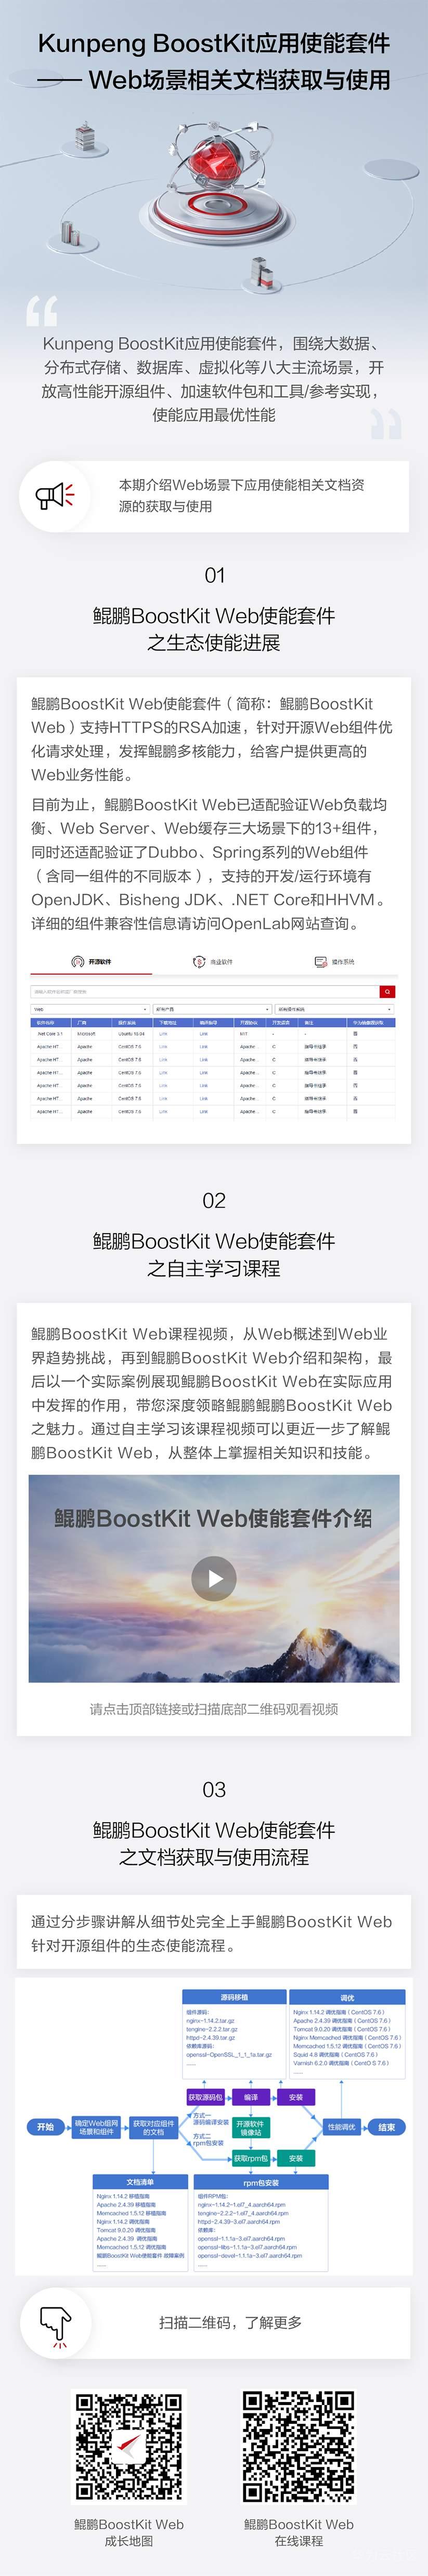 【悦识鲲鹏】Kunpeng BoostKit-Web场景相关文档获取与使用-网页版宣传-01.png